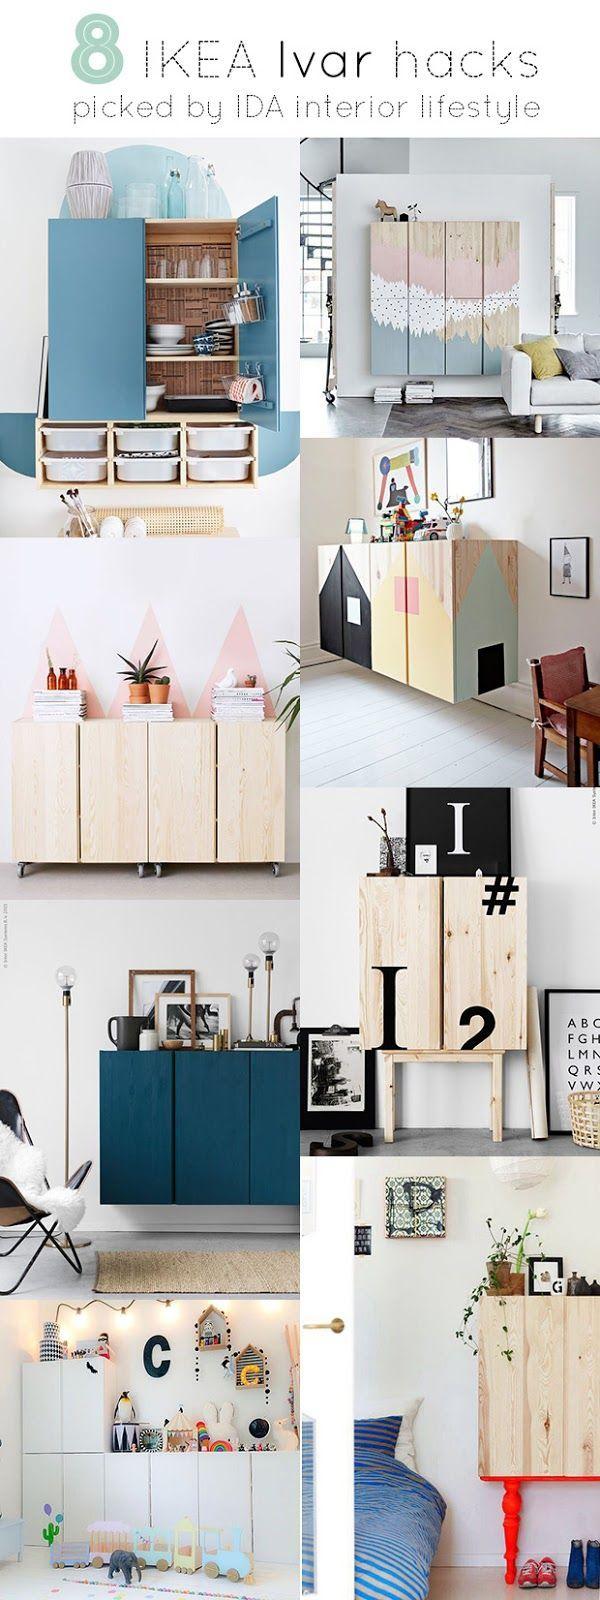 IDA interior lifestyle: 8 Ikea IVAR hacks